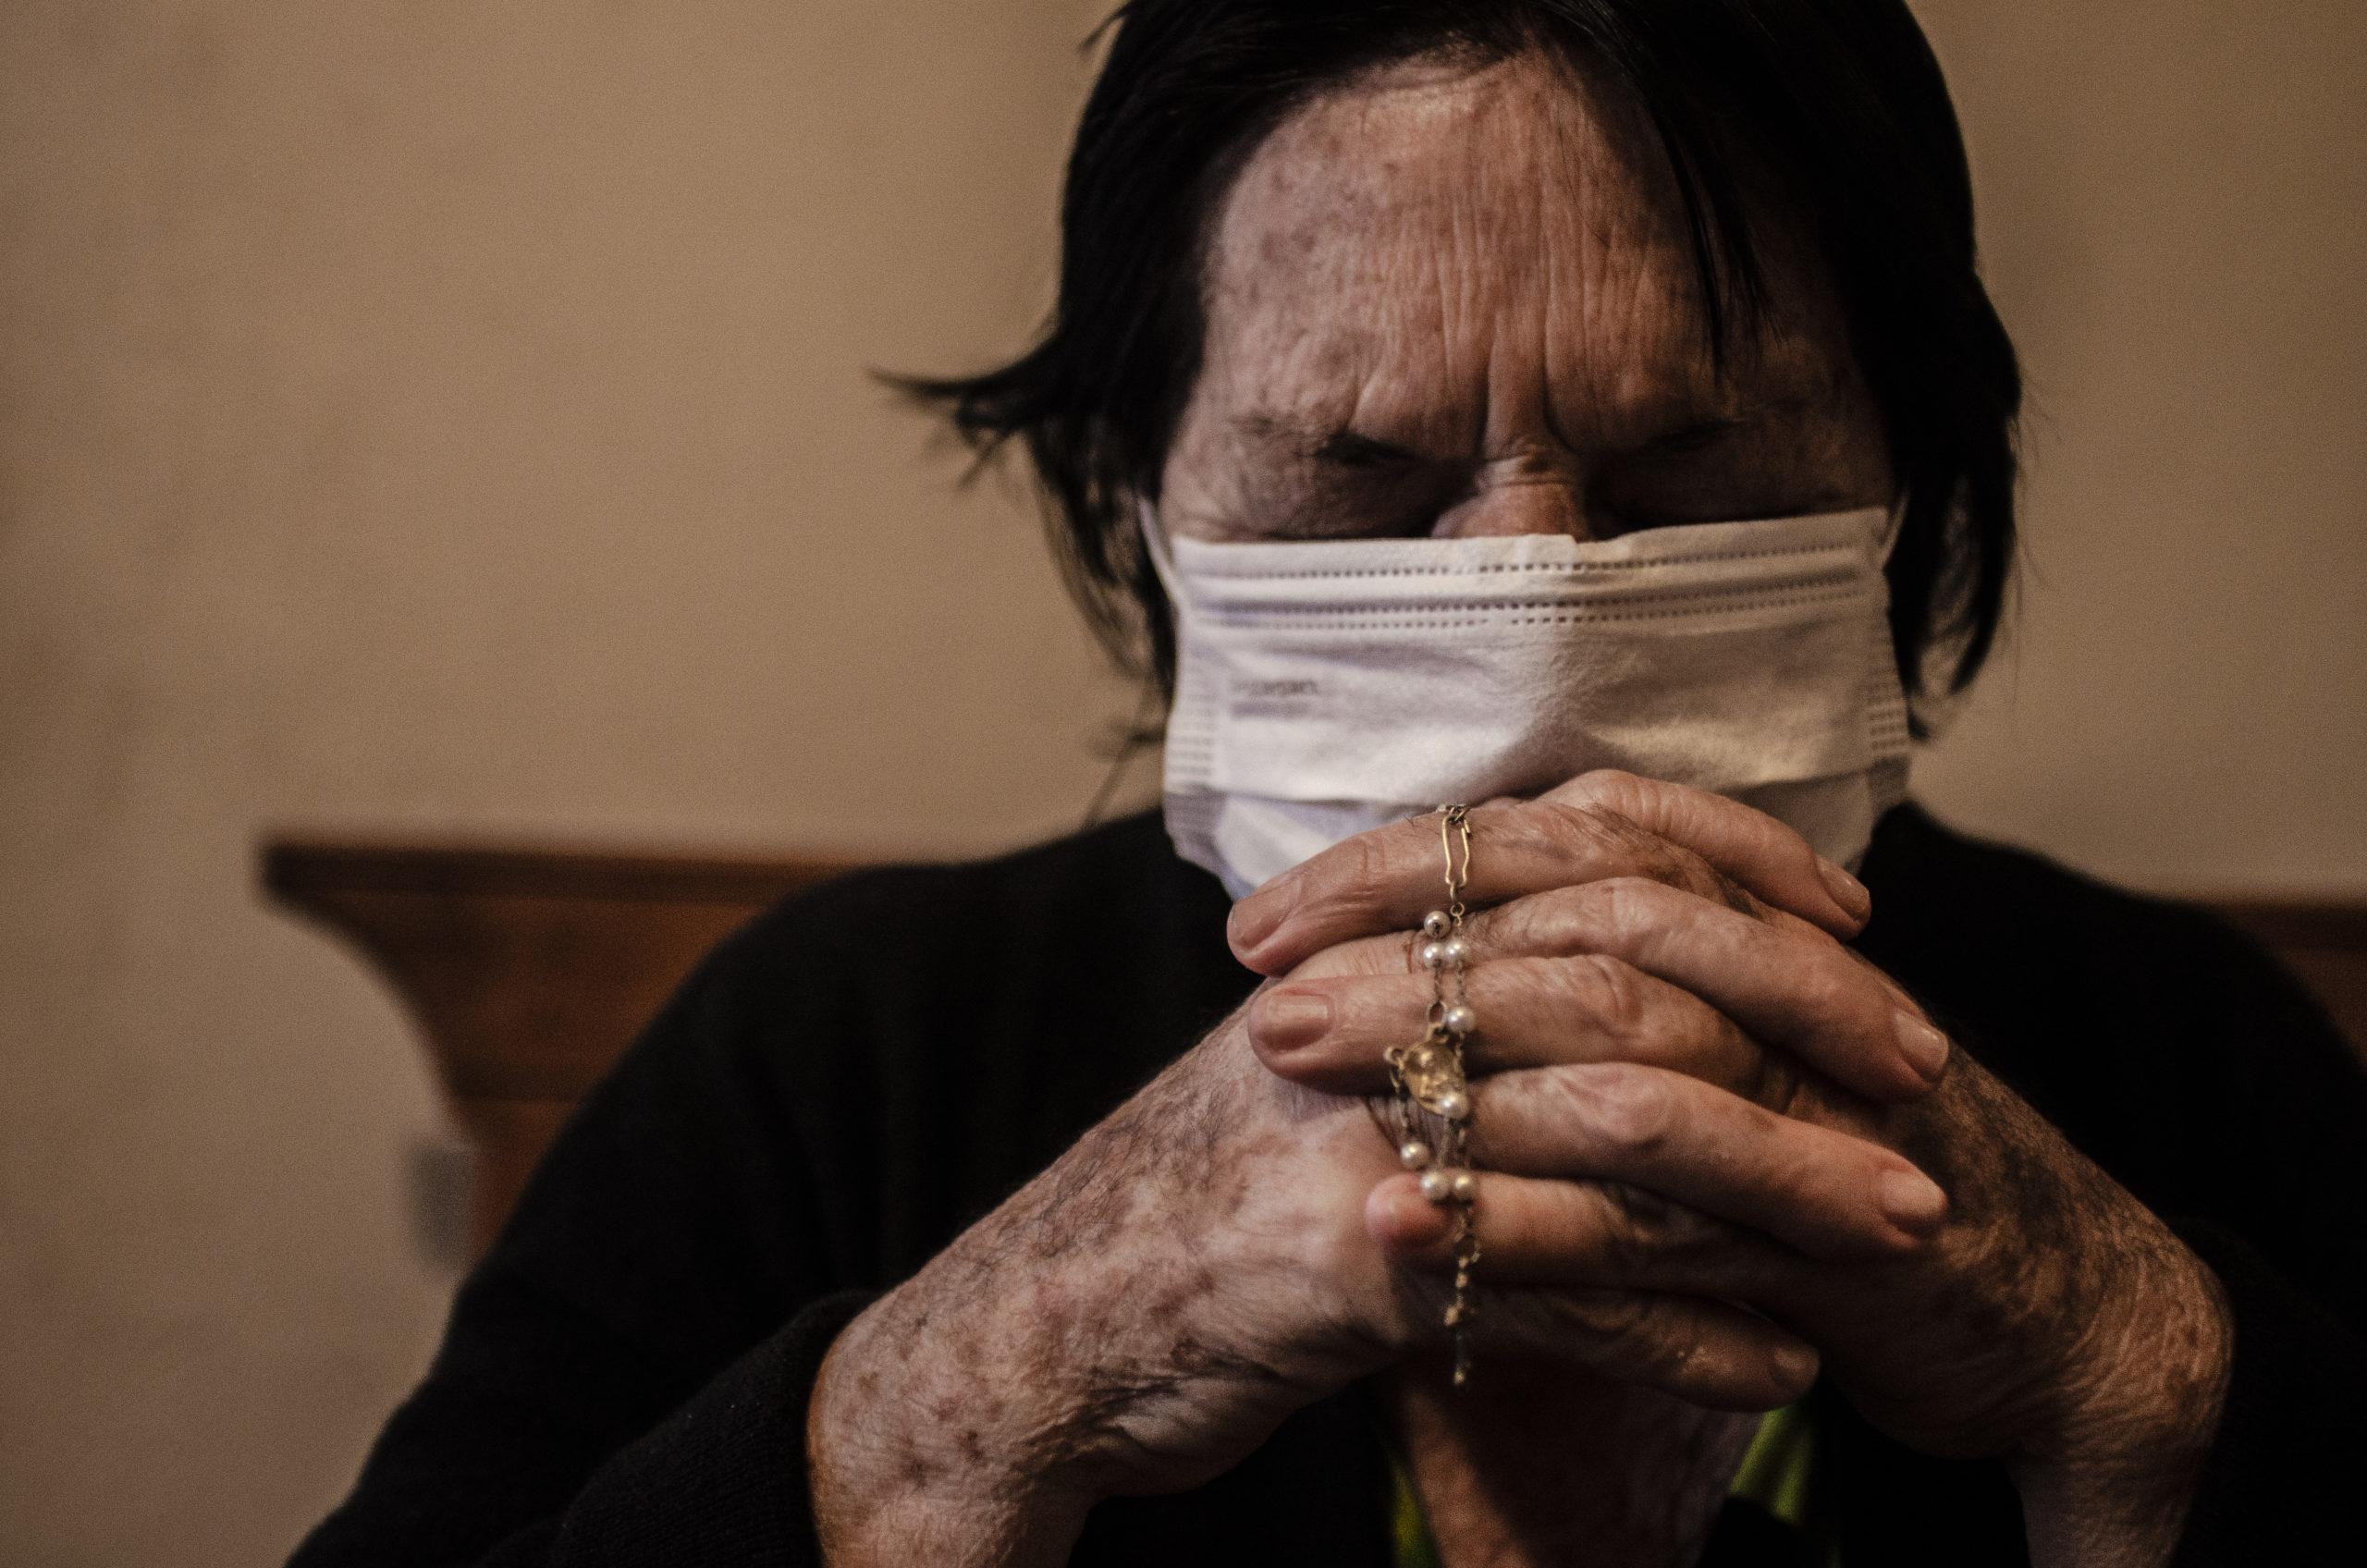 Isolamento social obriga práticas religiosas dentro de casa (Foto: Douglas Caputo)